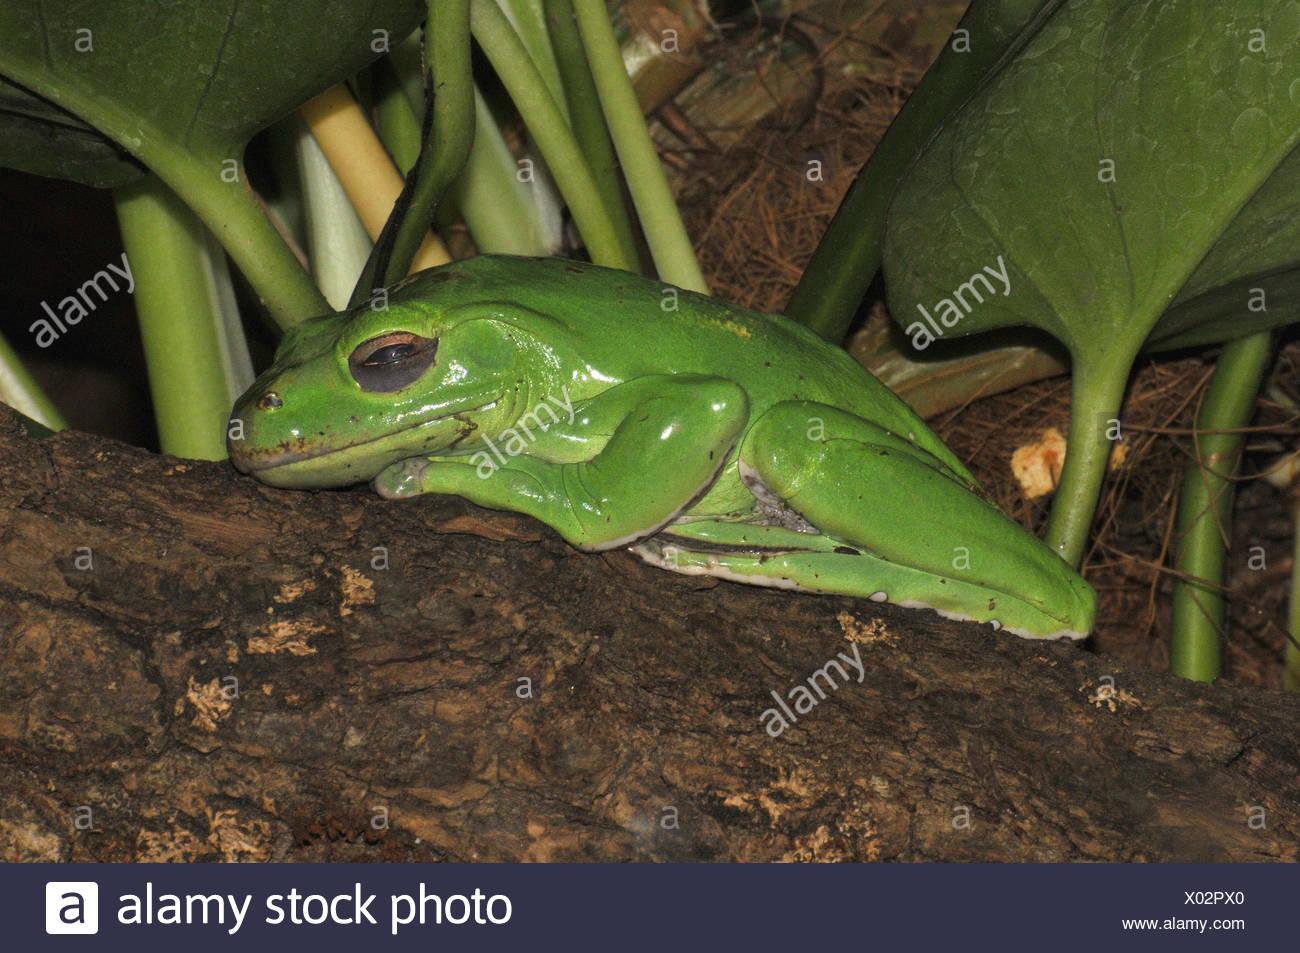 Tree frog, asleep, - Stock Image